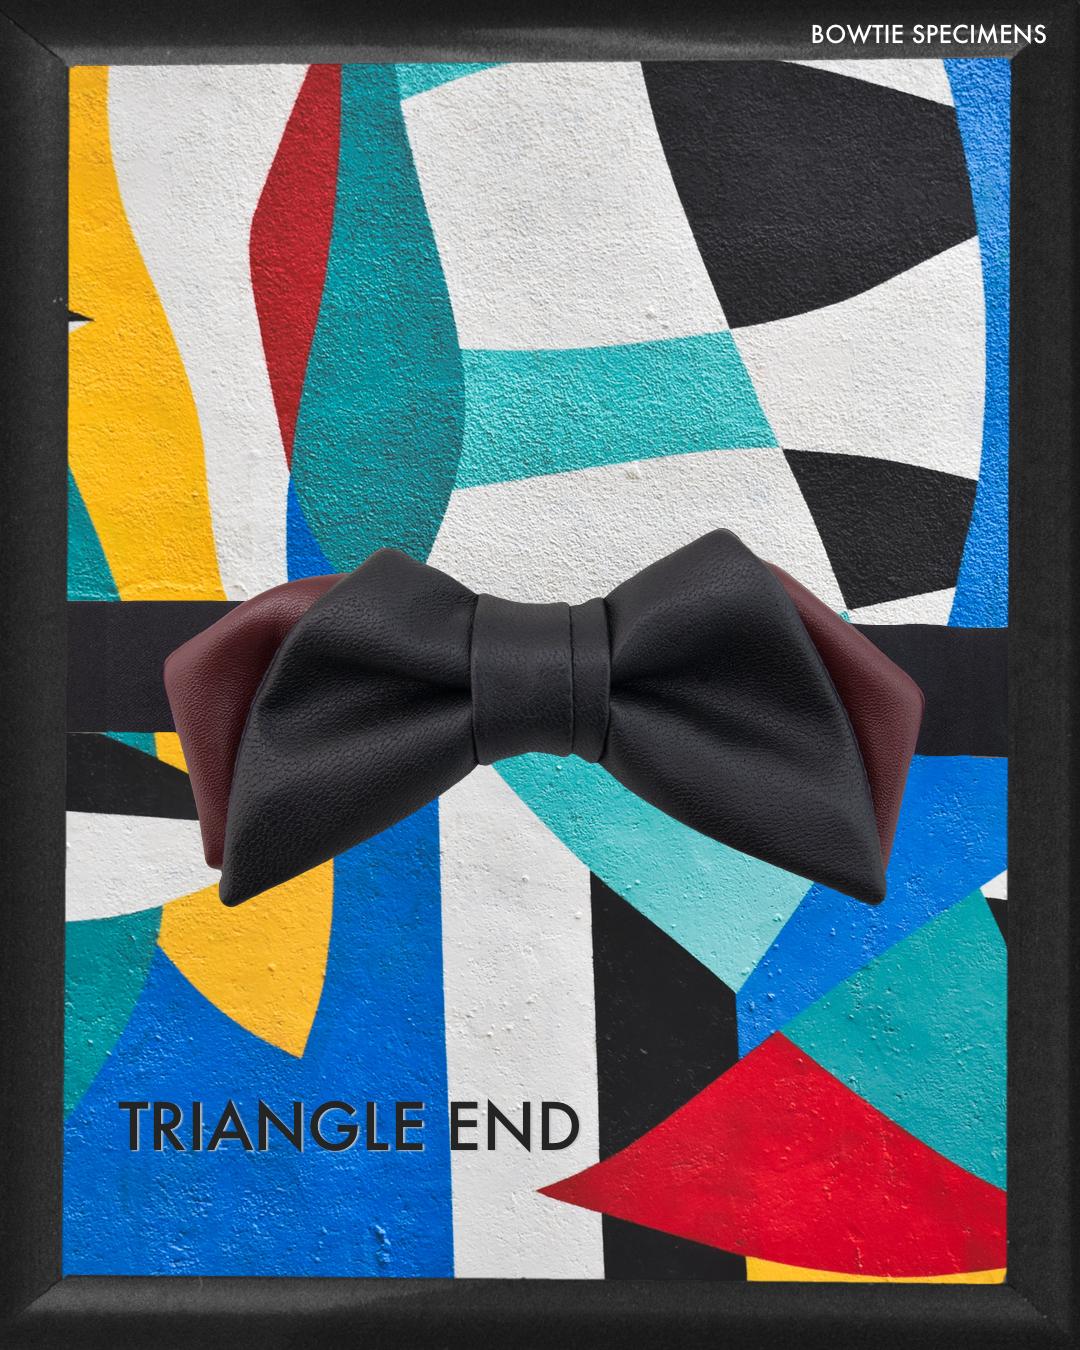 トライアングルエンド (ブラック×バーガンディ/レザー調) 作り結び型〈蝶ネクタイ メンズ 男性 ワインレッド ボルドー〉